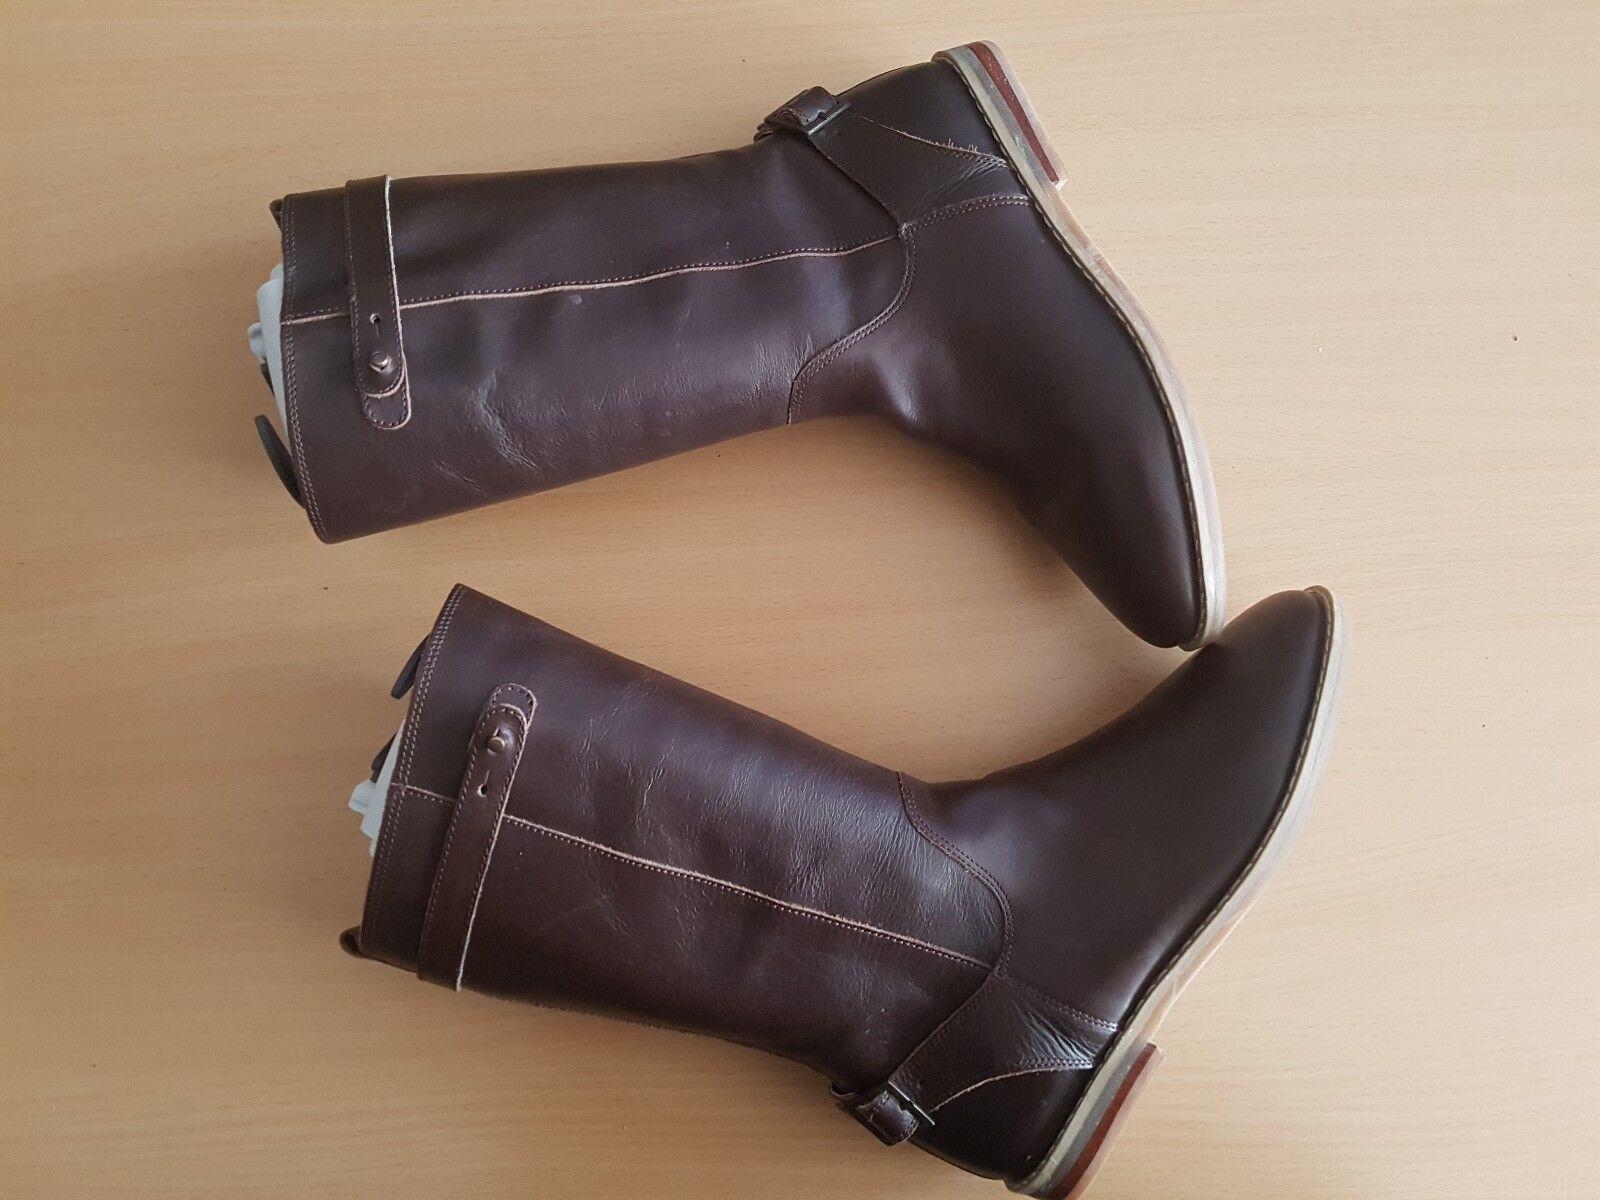 Vertbaudet Damen Schuhe Stiefel Stiefeletten Stiefel Leder braun Gr. 38 TOP